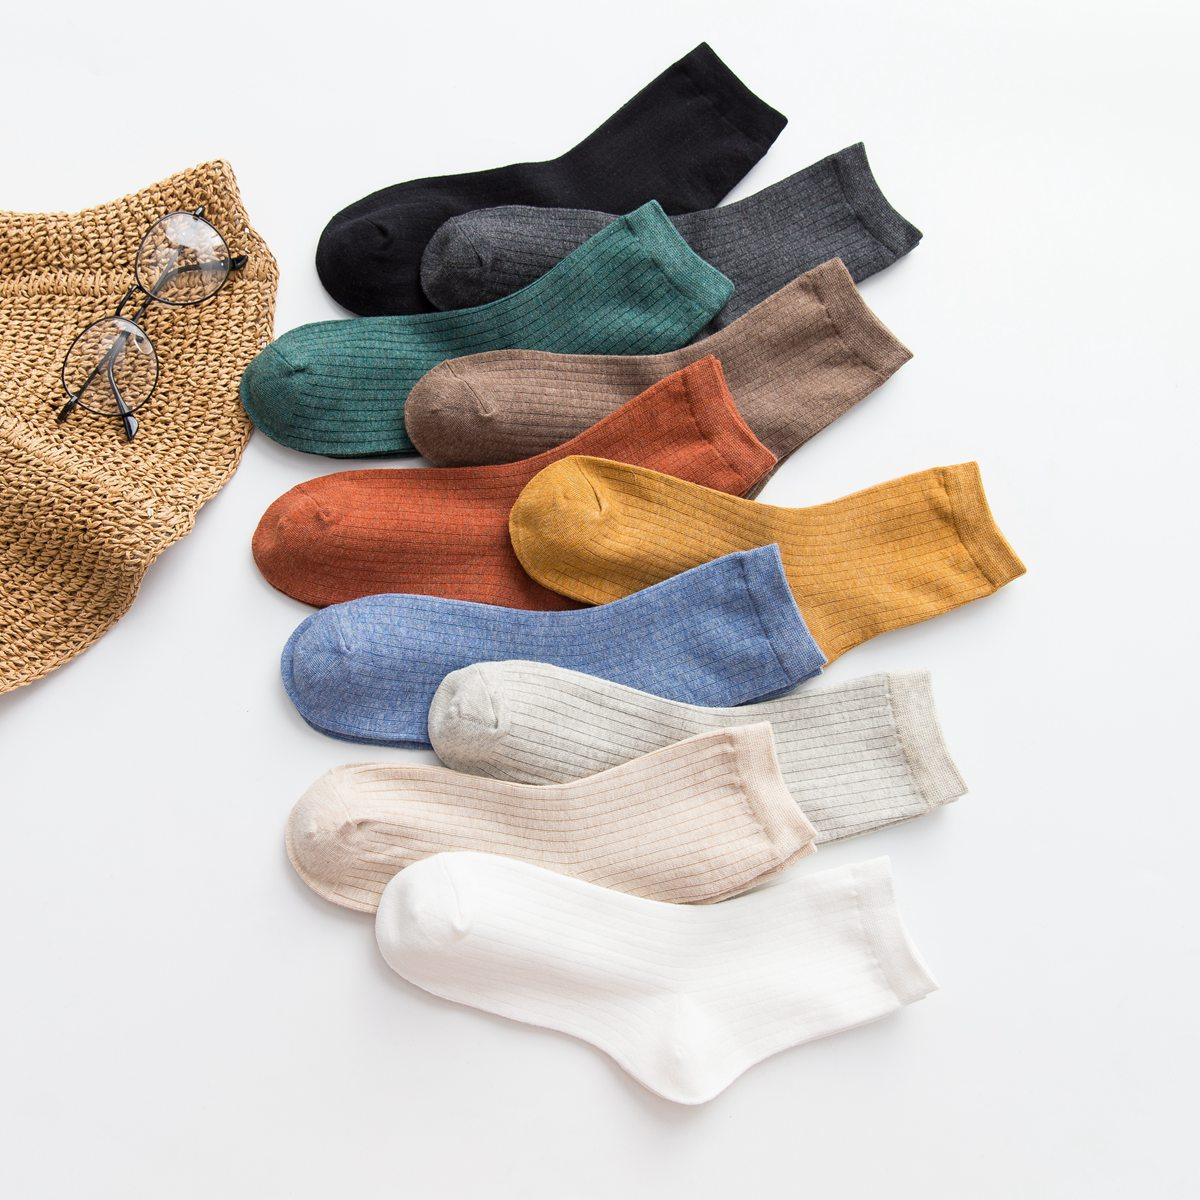 Calcetines de algodón para tubo de mujer de marca de color puro de doble aguja calcetines femeninos japoneses de algodón fabricantes de calcetines al por mayor una generación